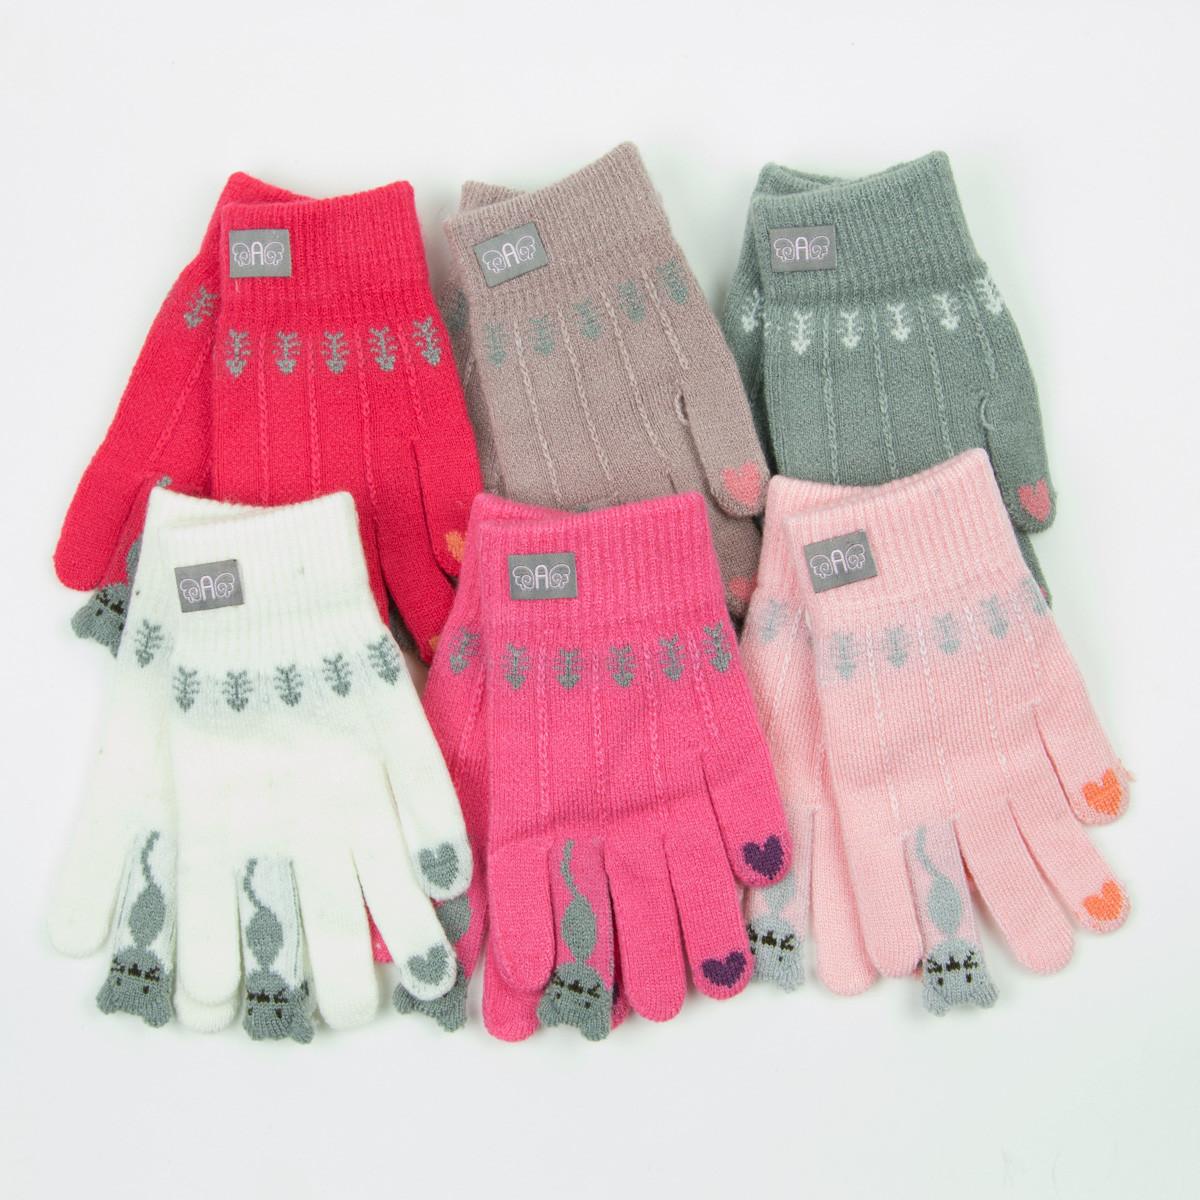 Оптом демисезонные перчатки на девочек 5-7 лет - 19-7-49